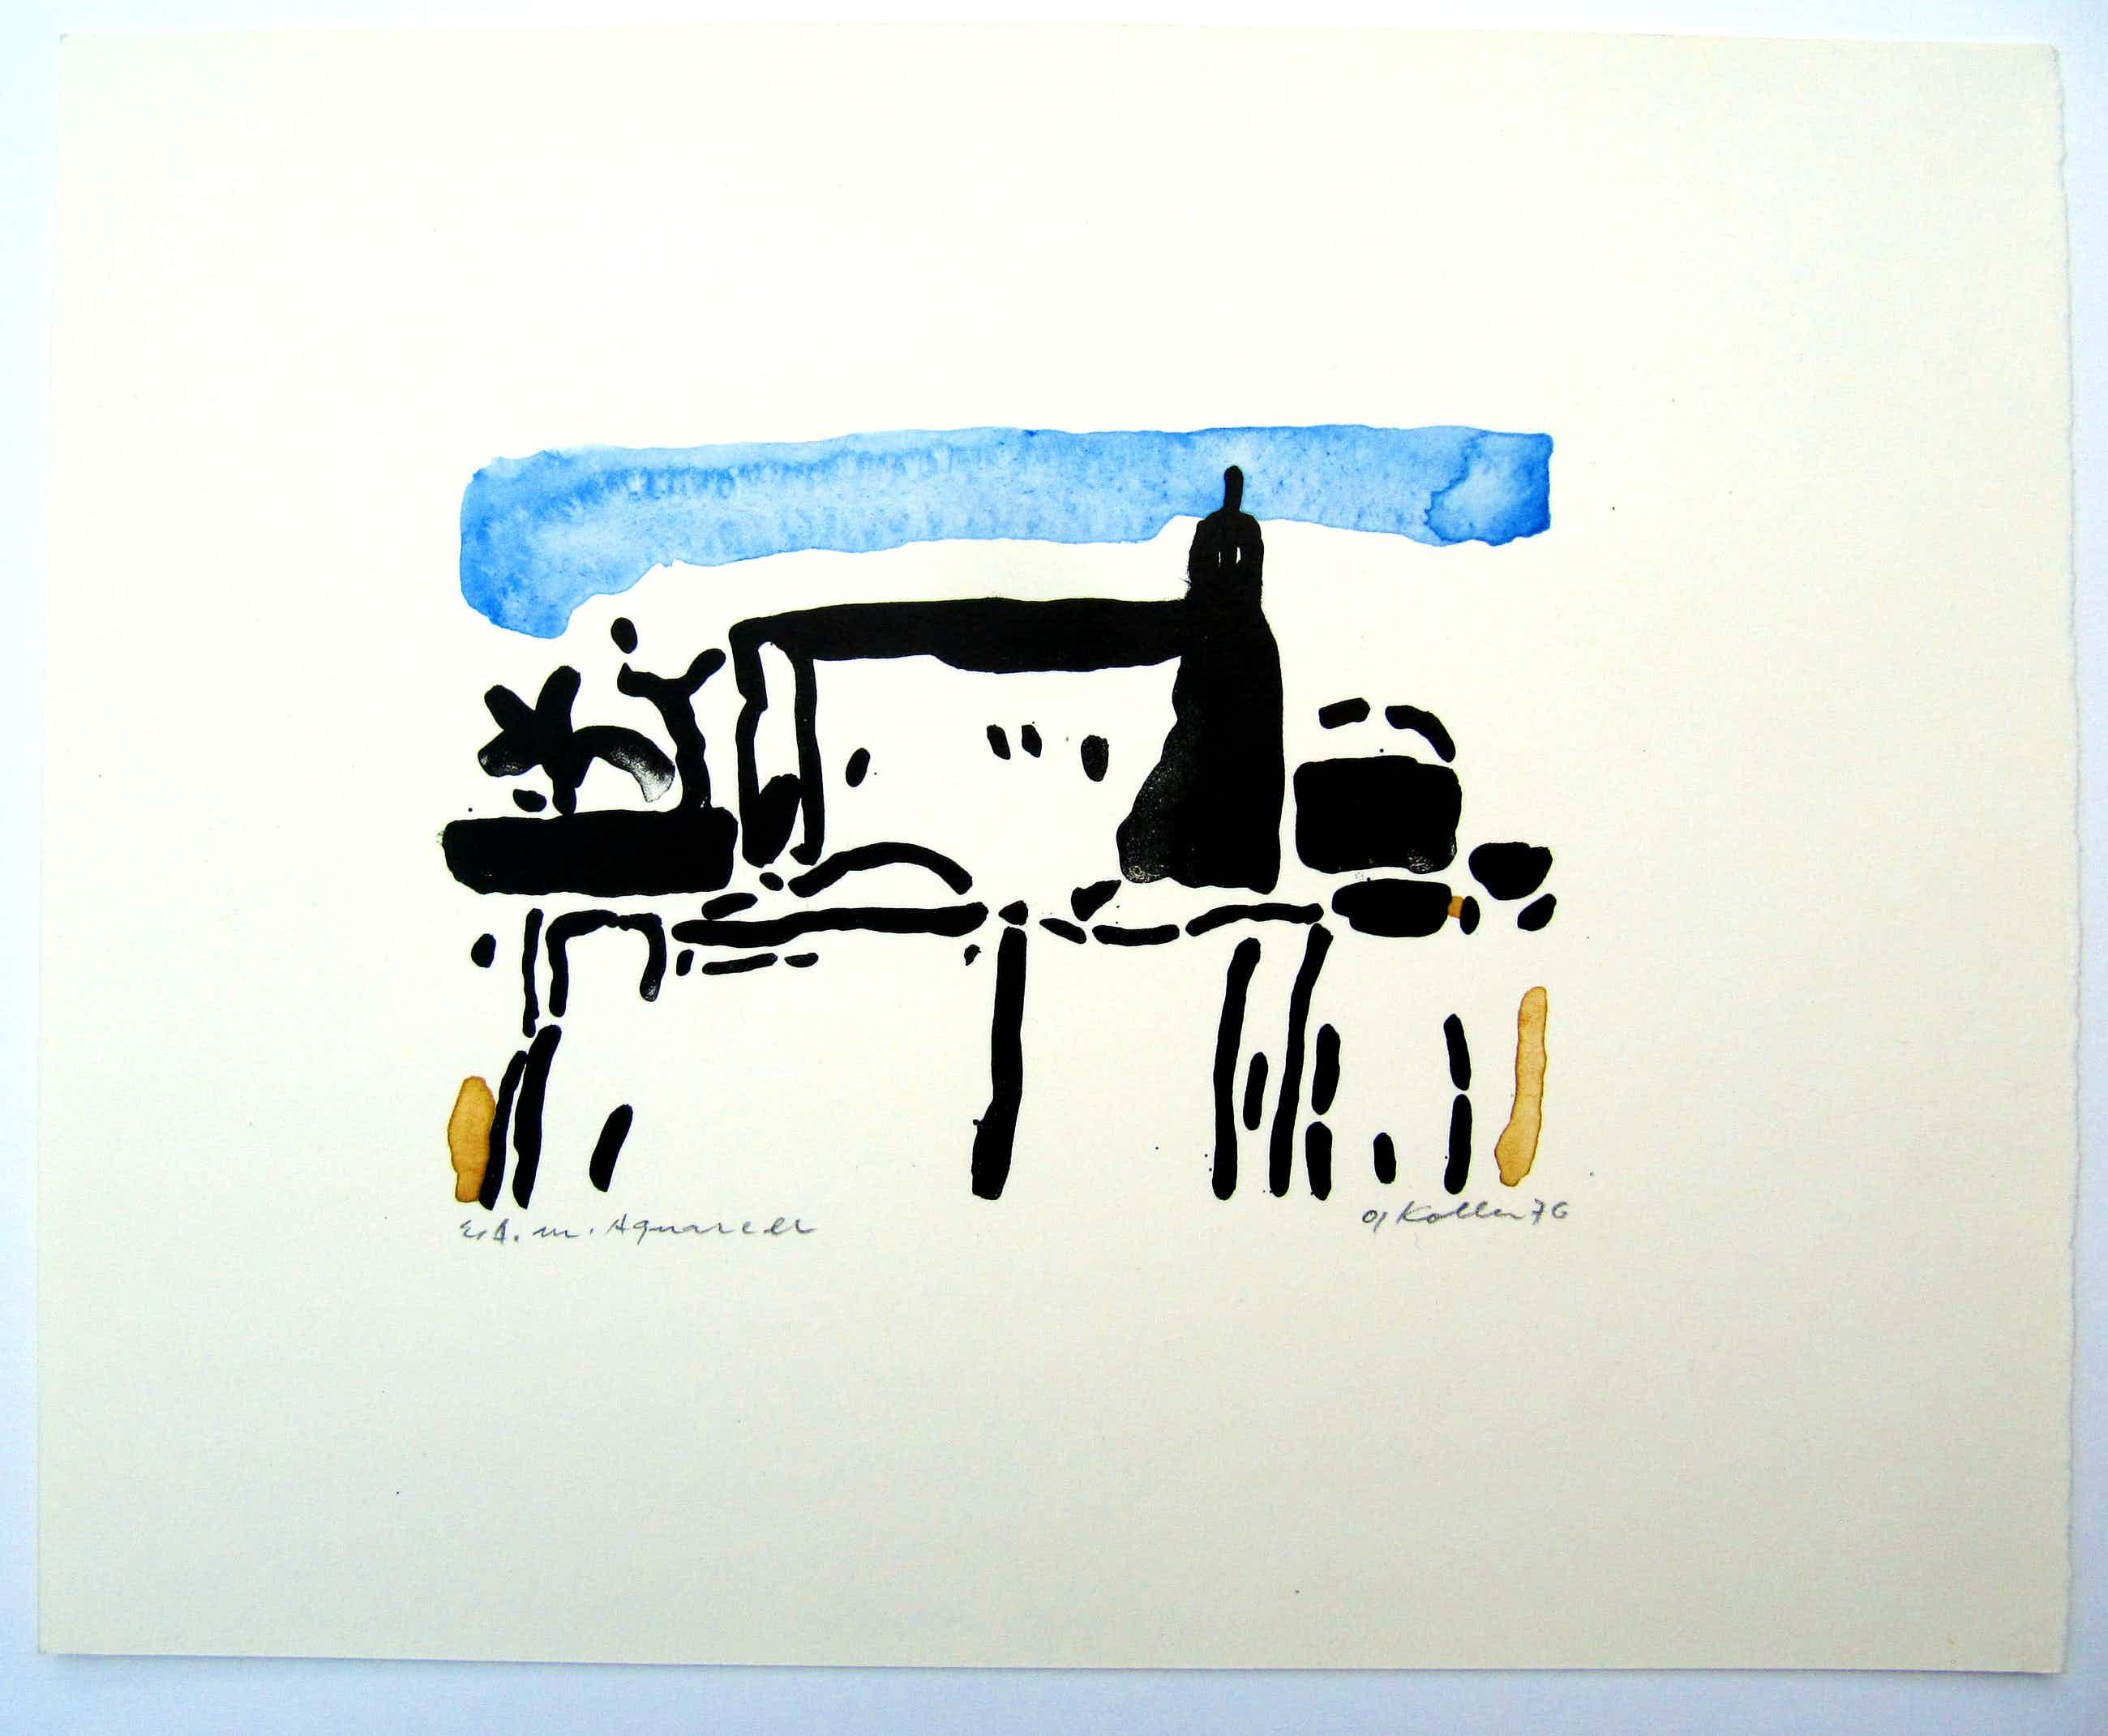 Oskar Koller - Moschee, Werksverzeichnis 433, 1976, Lithographie, Expl. E.A. mit Aquarell kopen? Bied vanaf 125!